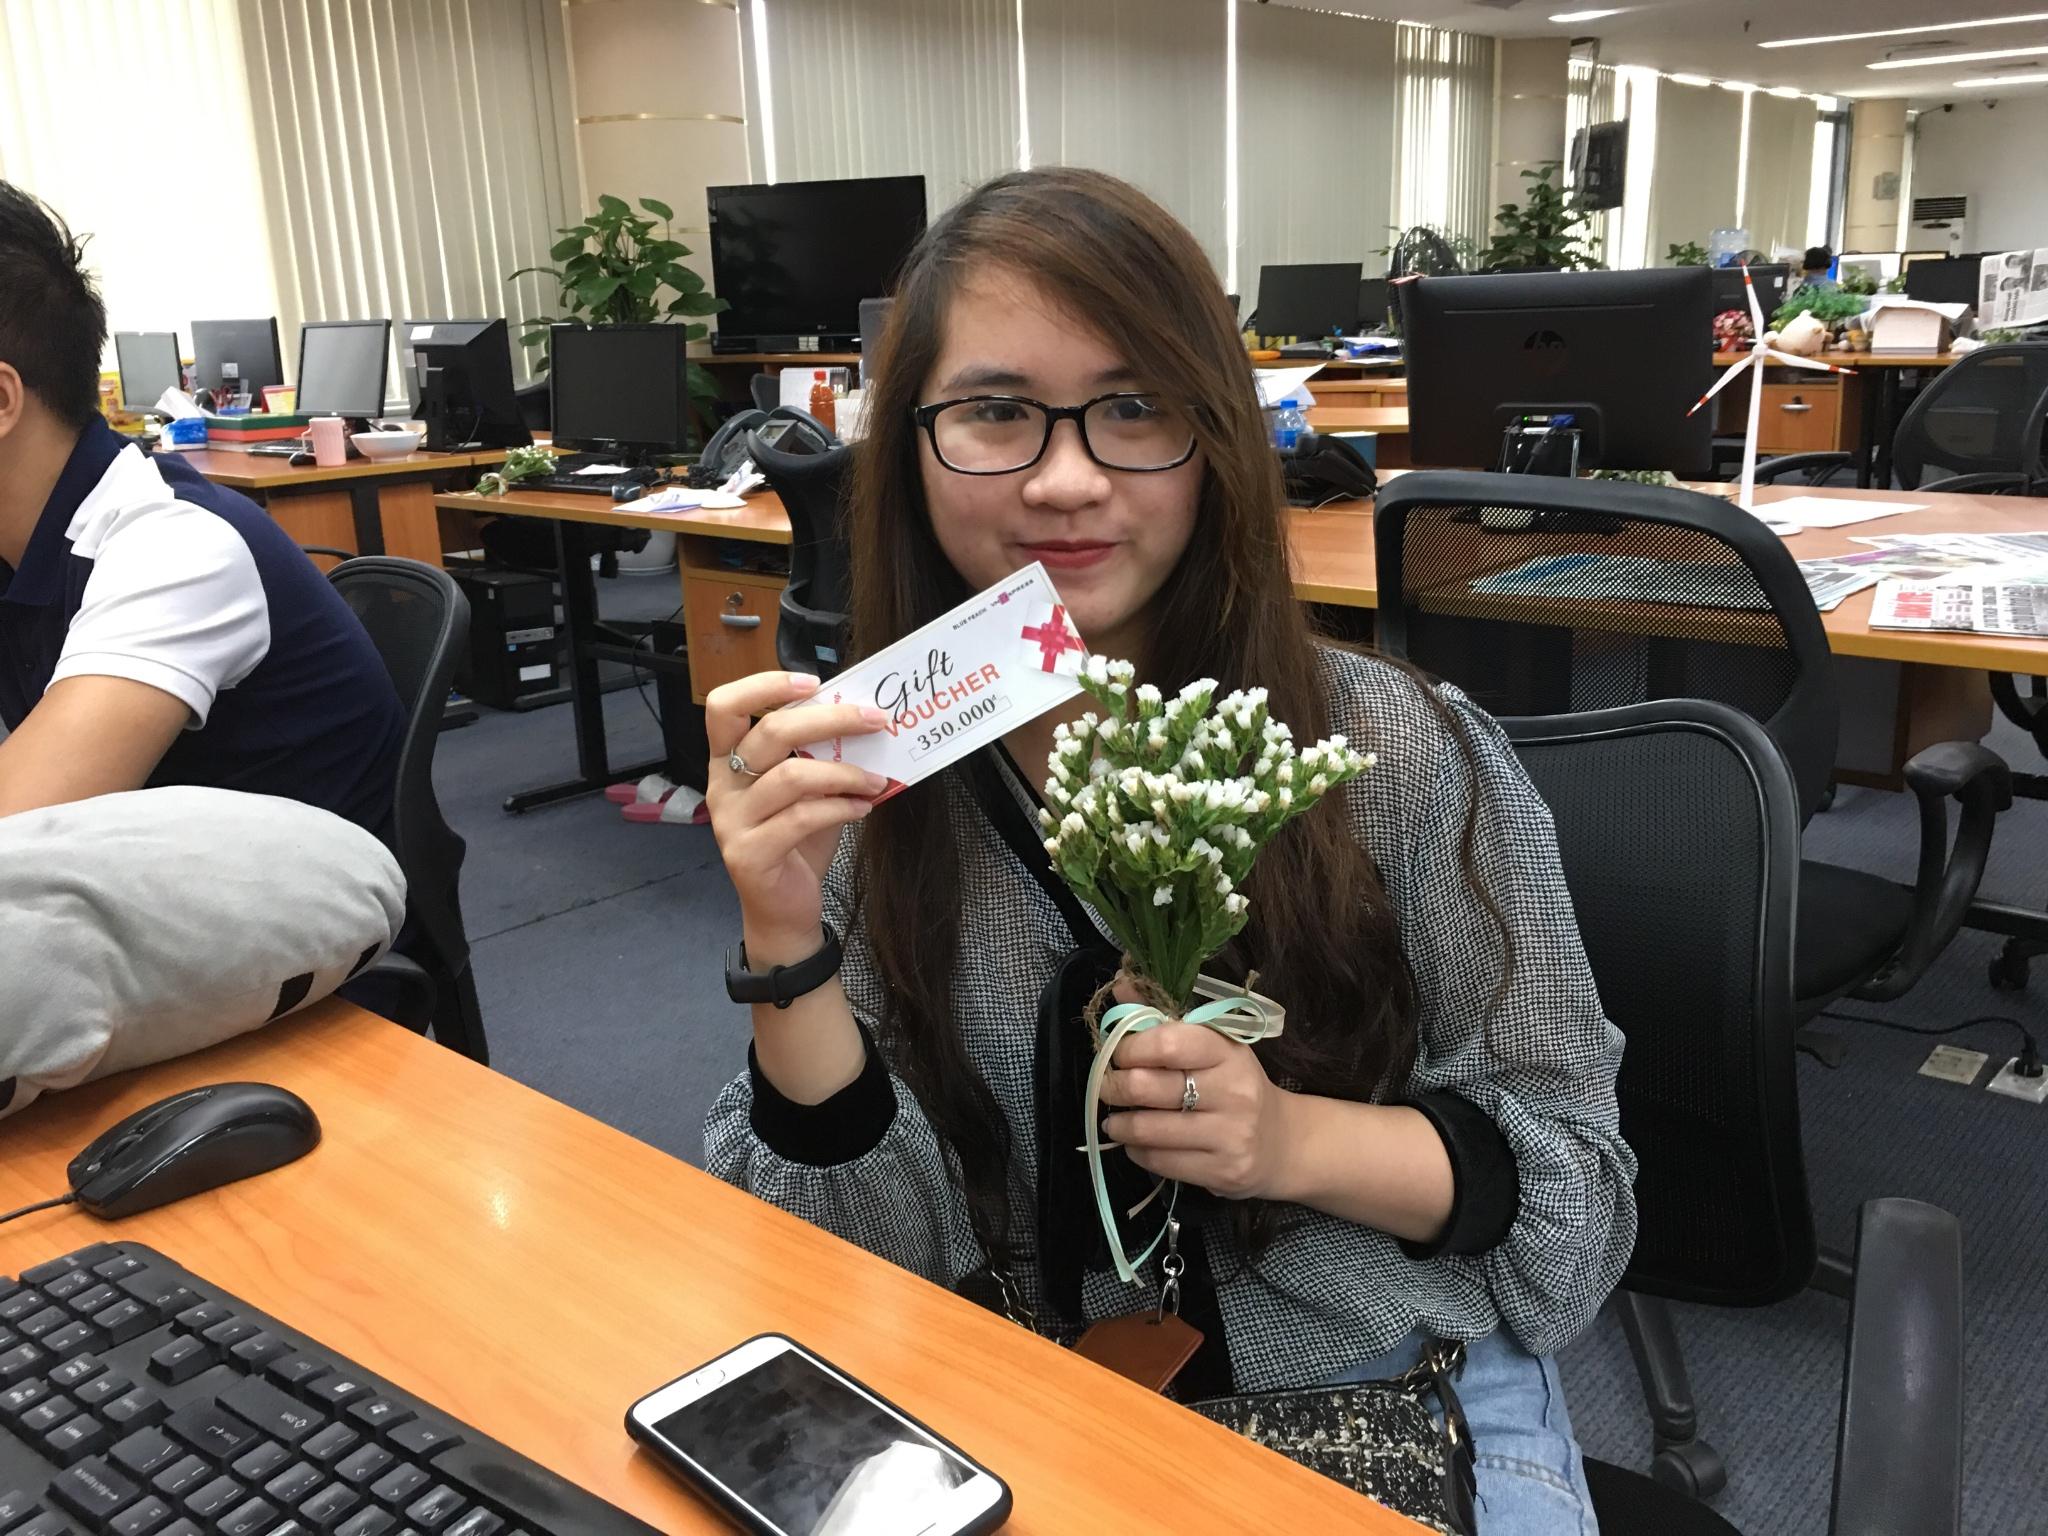 Chị Phạm Ngọc Ánh, Ban Thế giới, hào hứng với khoe món quà vừa nhận được.